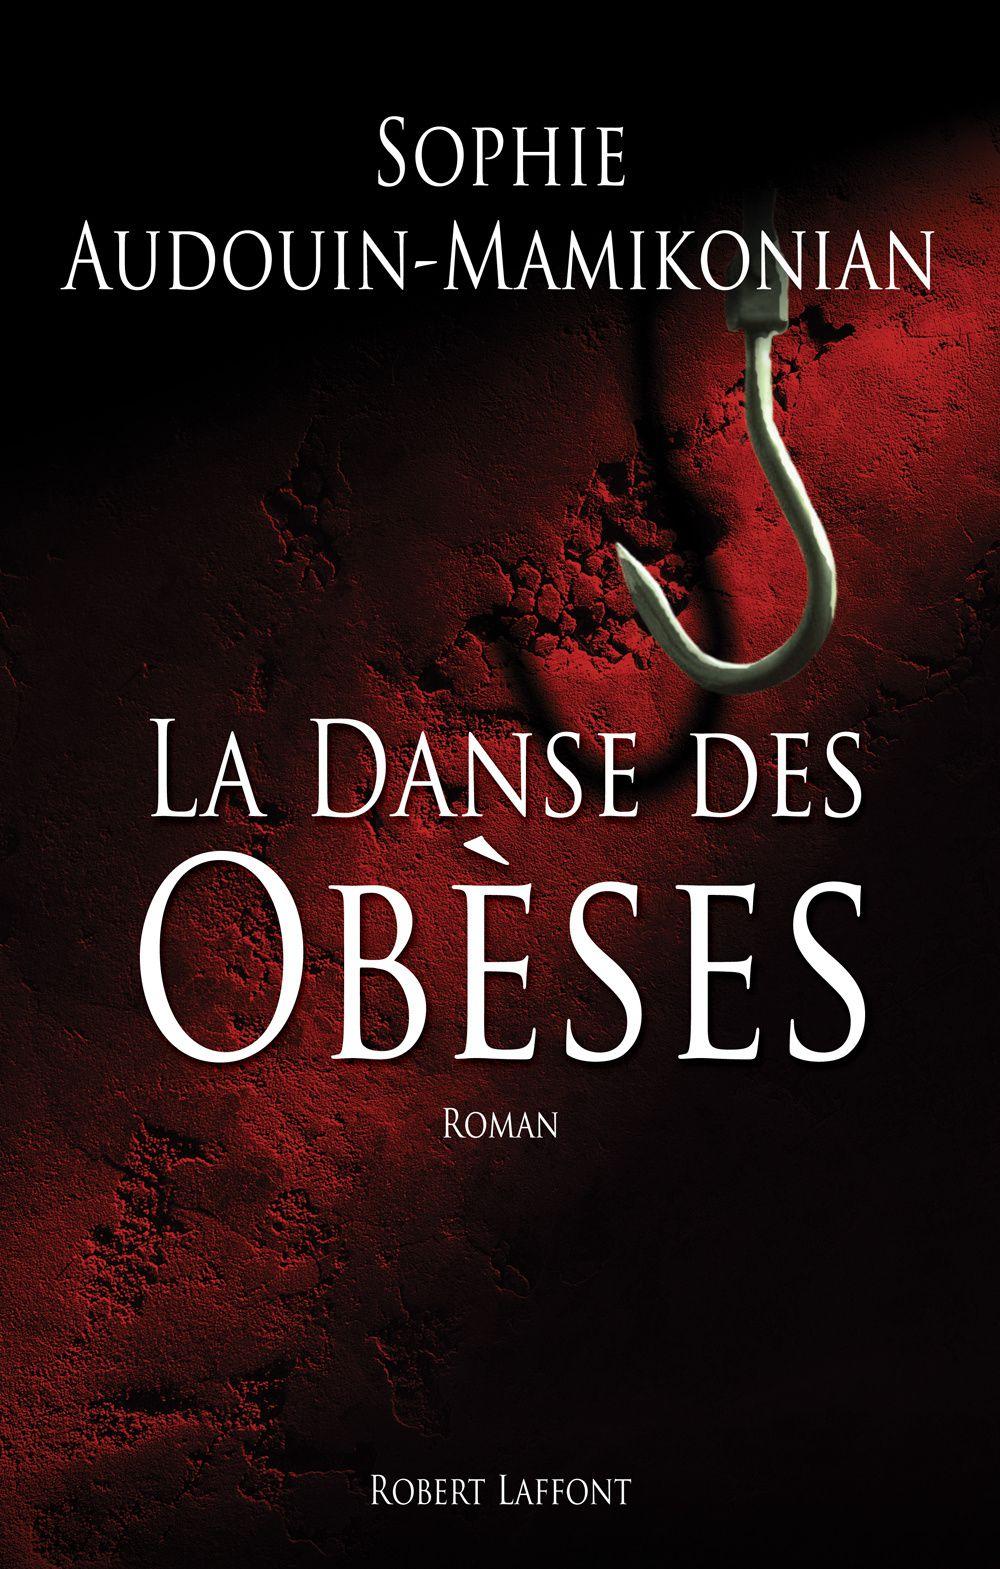 La danse des obèses de Sophie Audouin-Mamikonian